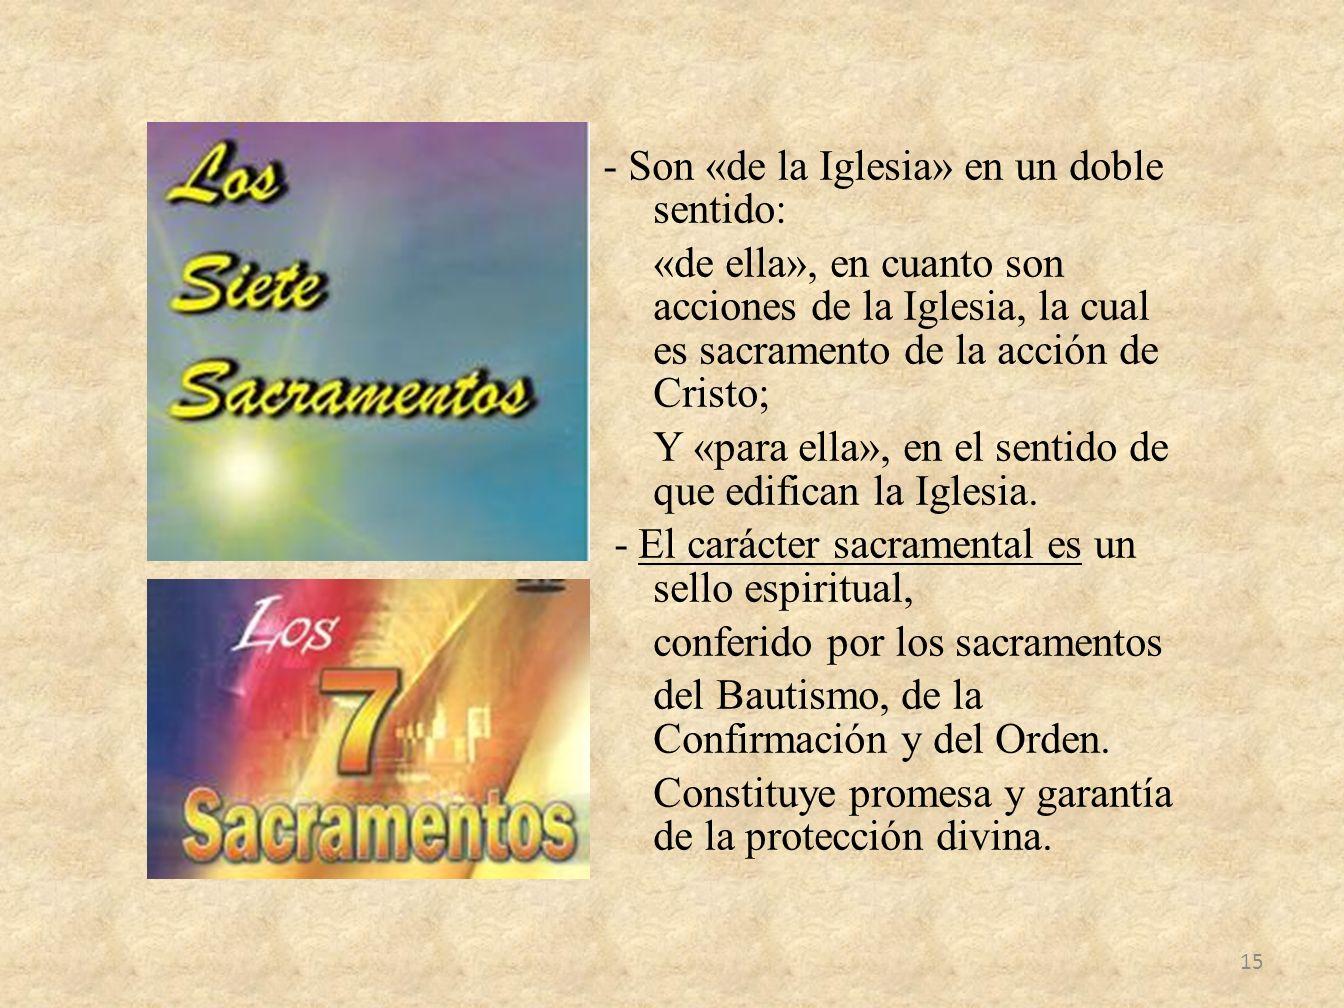 - Son «de la Iglesia» en un doble sentido: «de ella», en cuanto son acciones de la Iglesia, la cual es sacramento de la acción de Cristo; Y «para ella